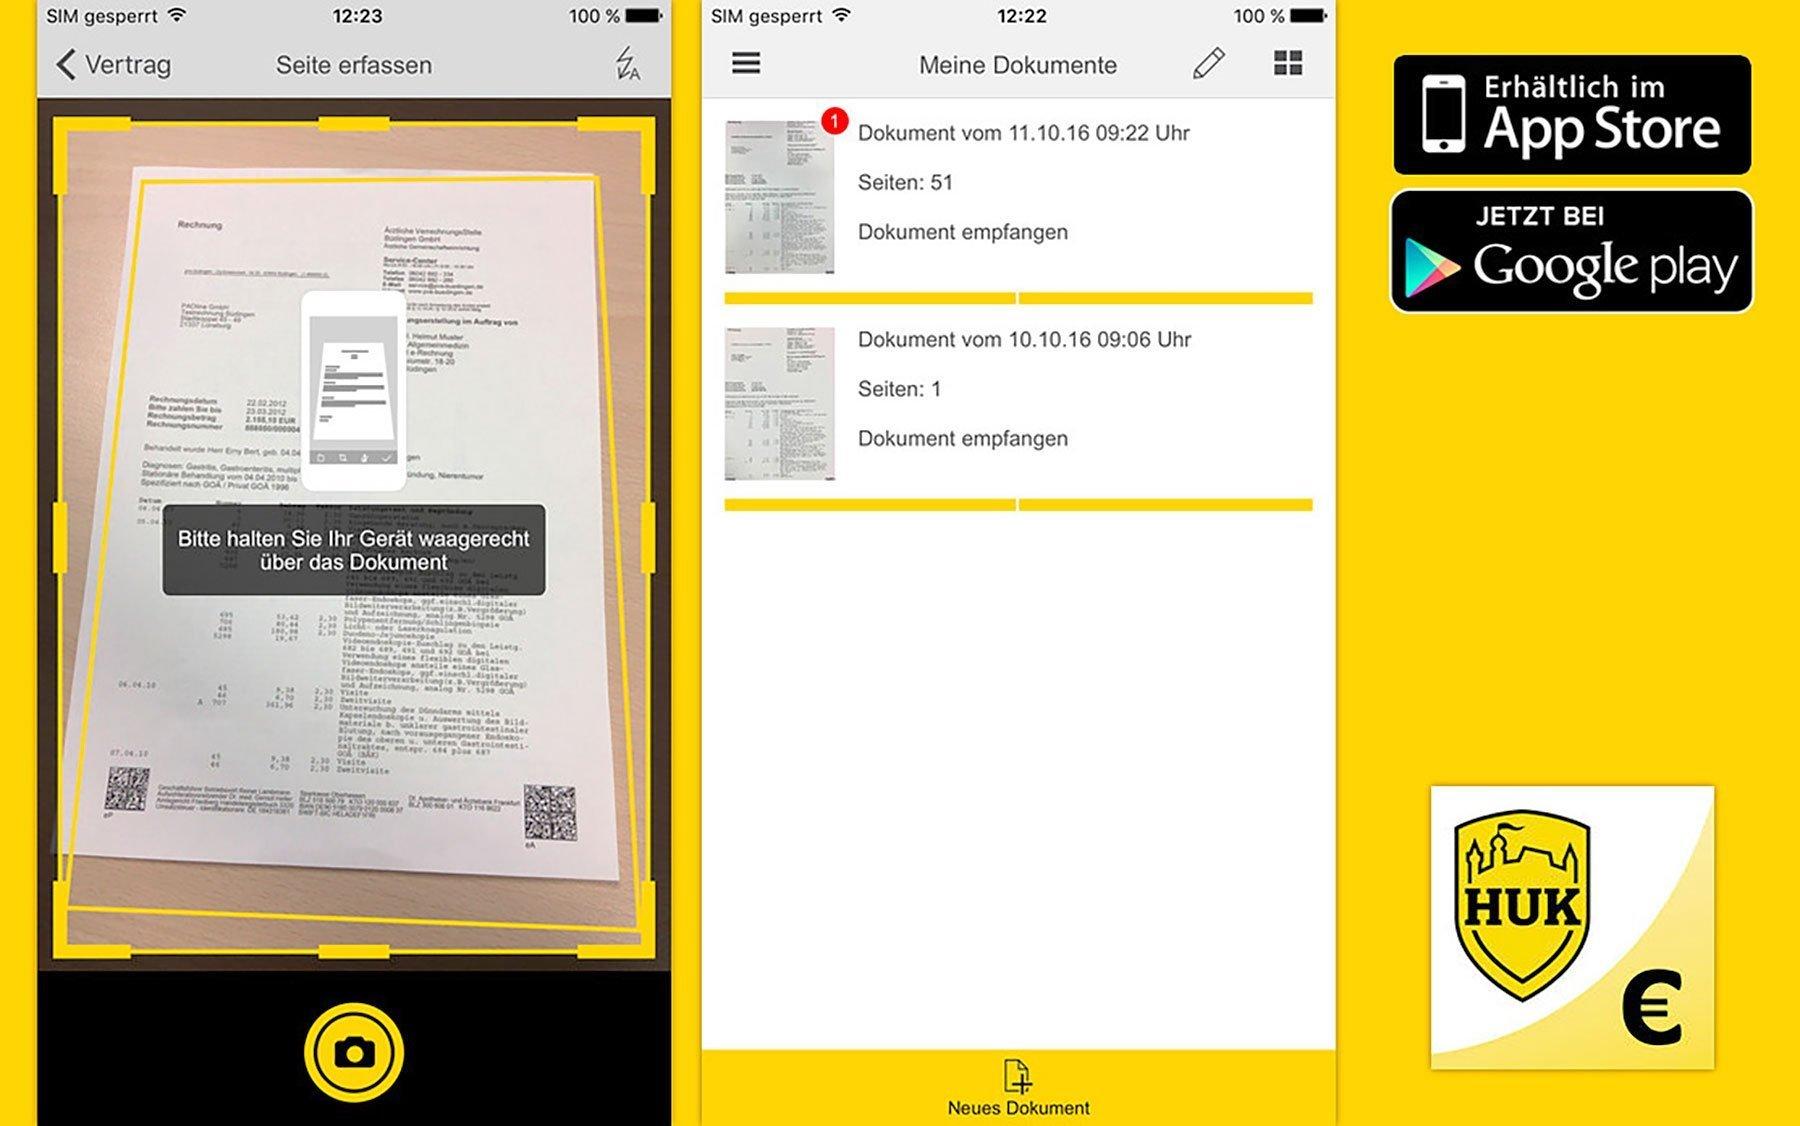 Huk Coburg Krankenversicherung Fuhrt Rechnungs App Ein In